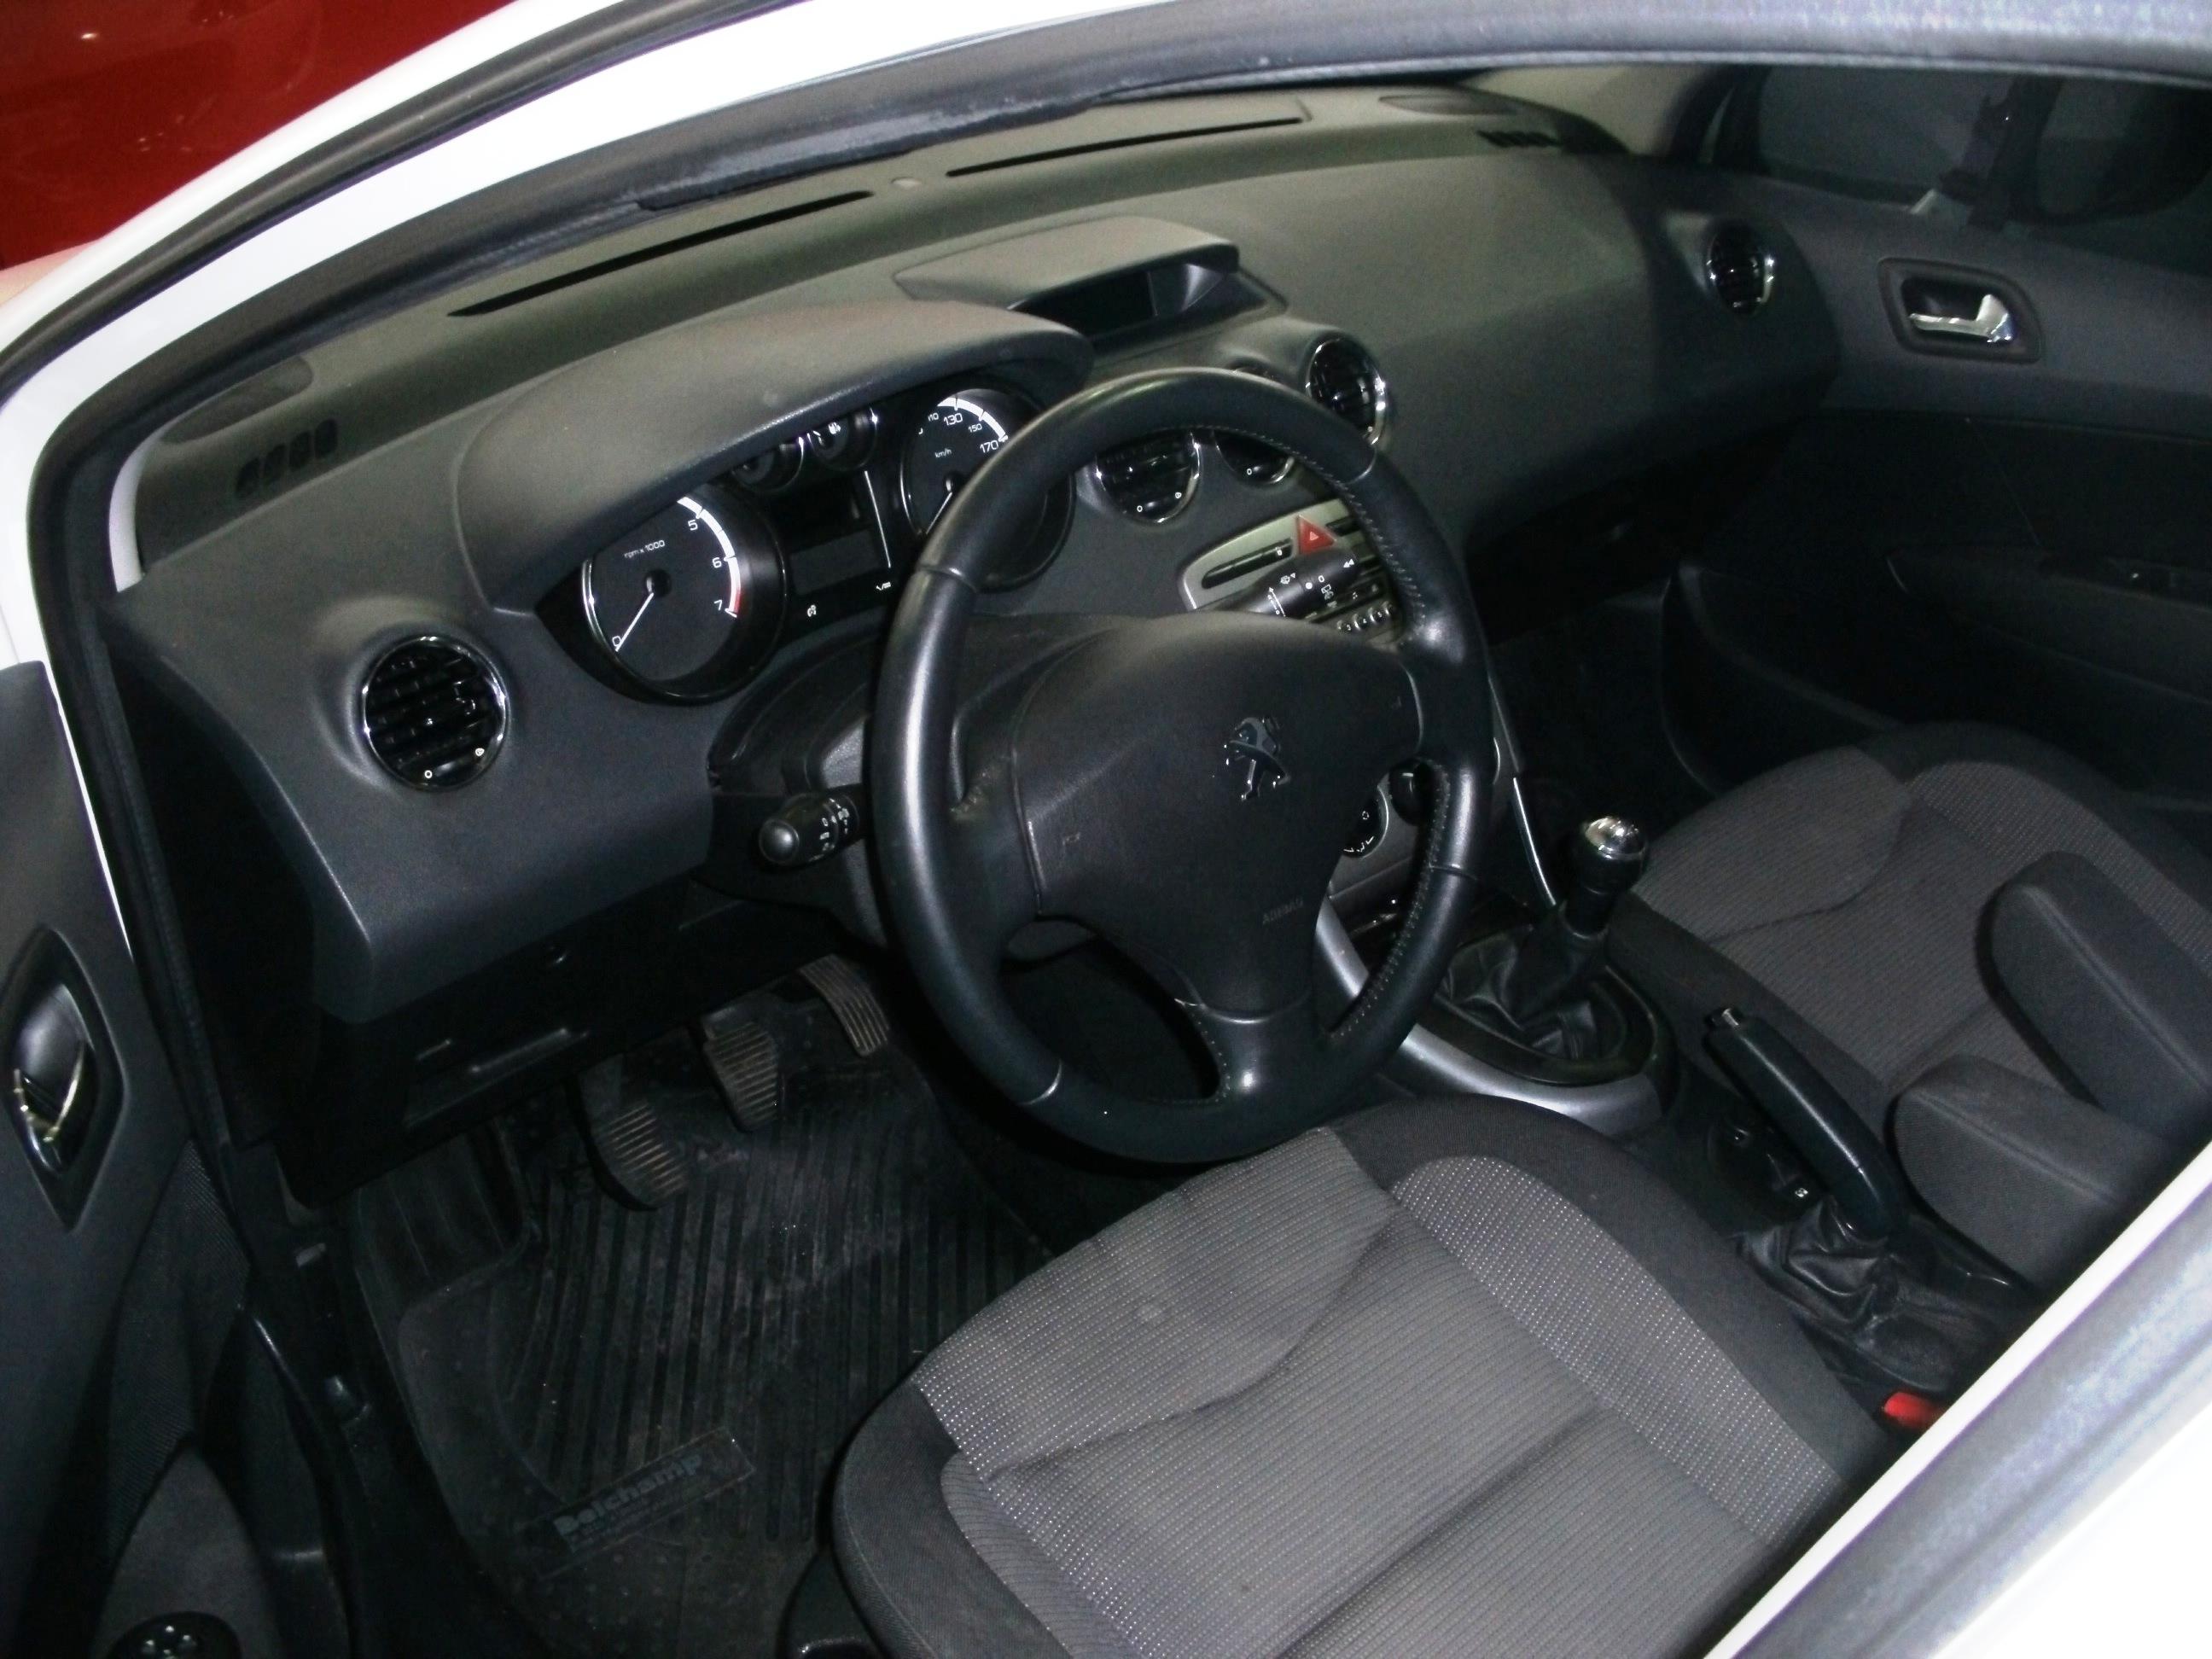 2013 Peugeot 308 Allure 1.6